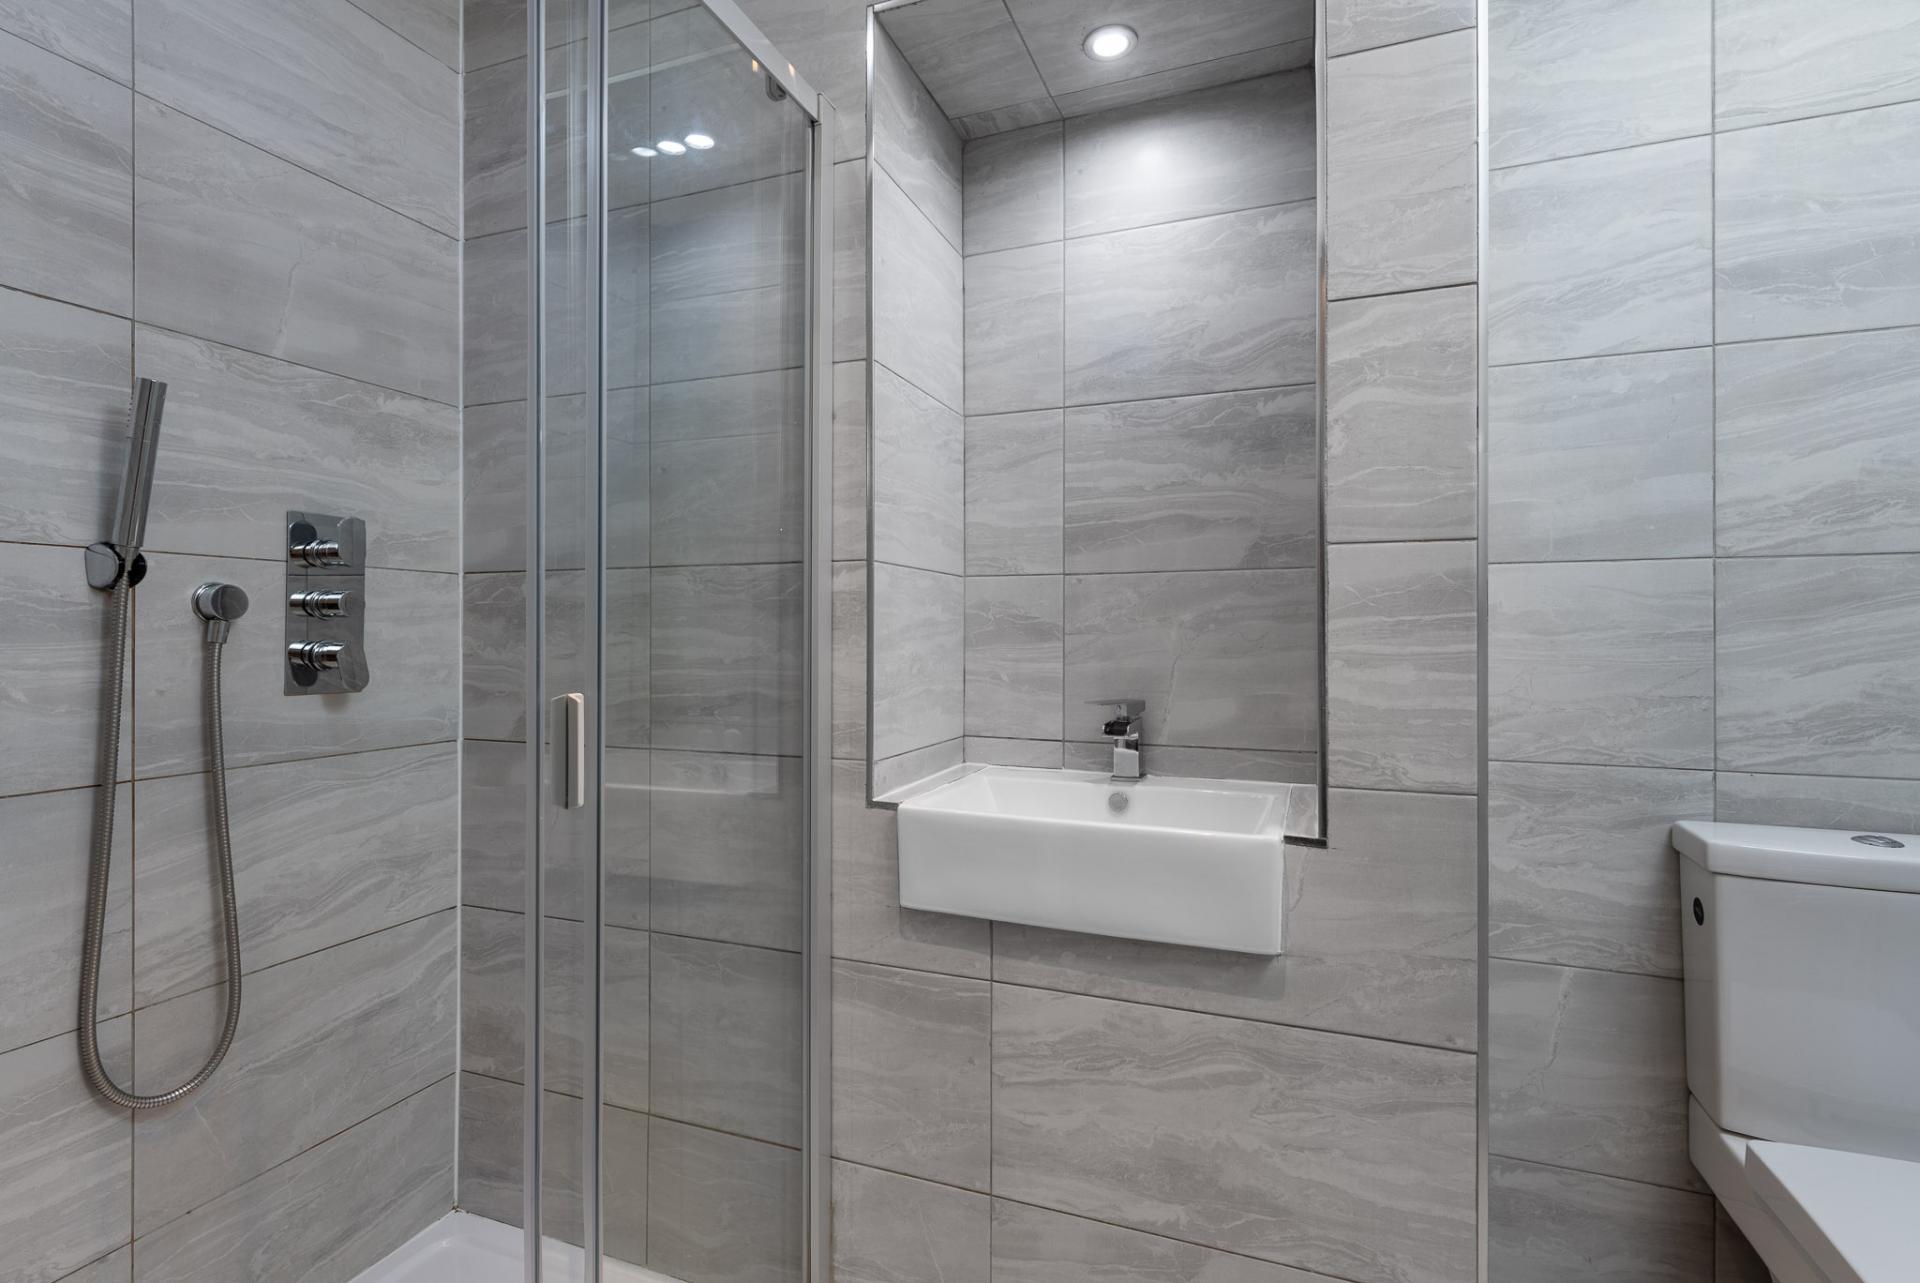 En-suite at Edgbaston Apartments, Rotton Park, Birmingham - Citybase Apartments